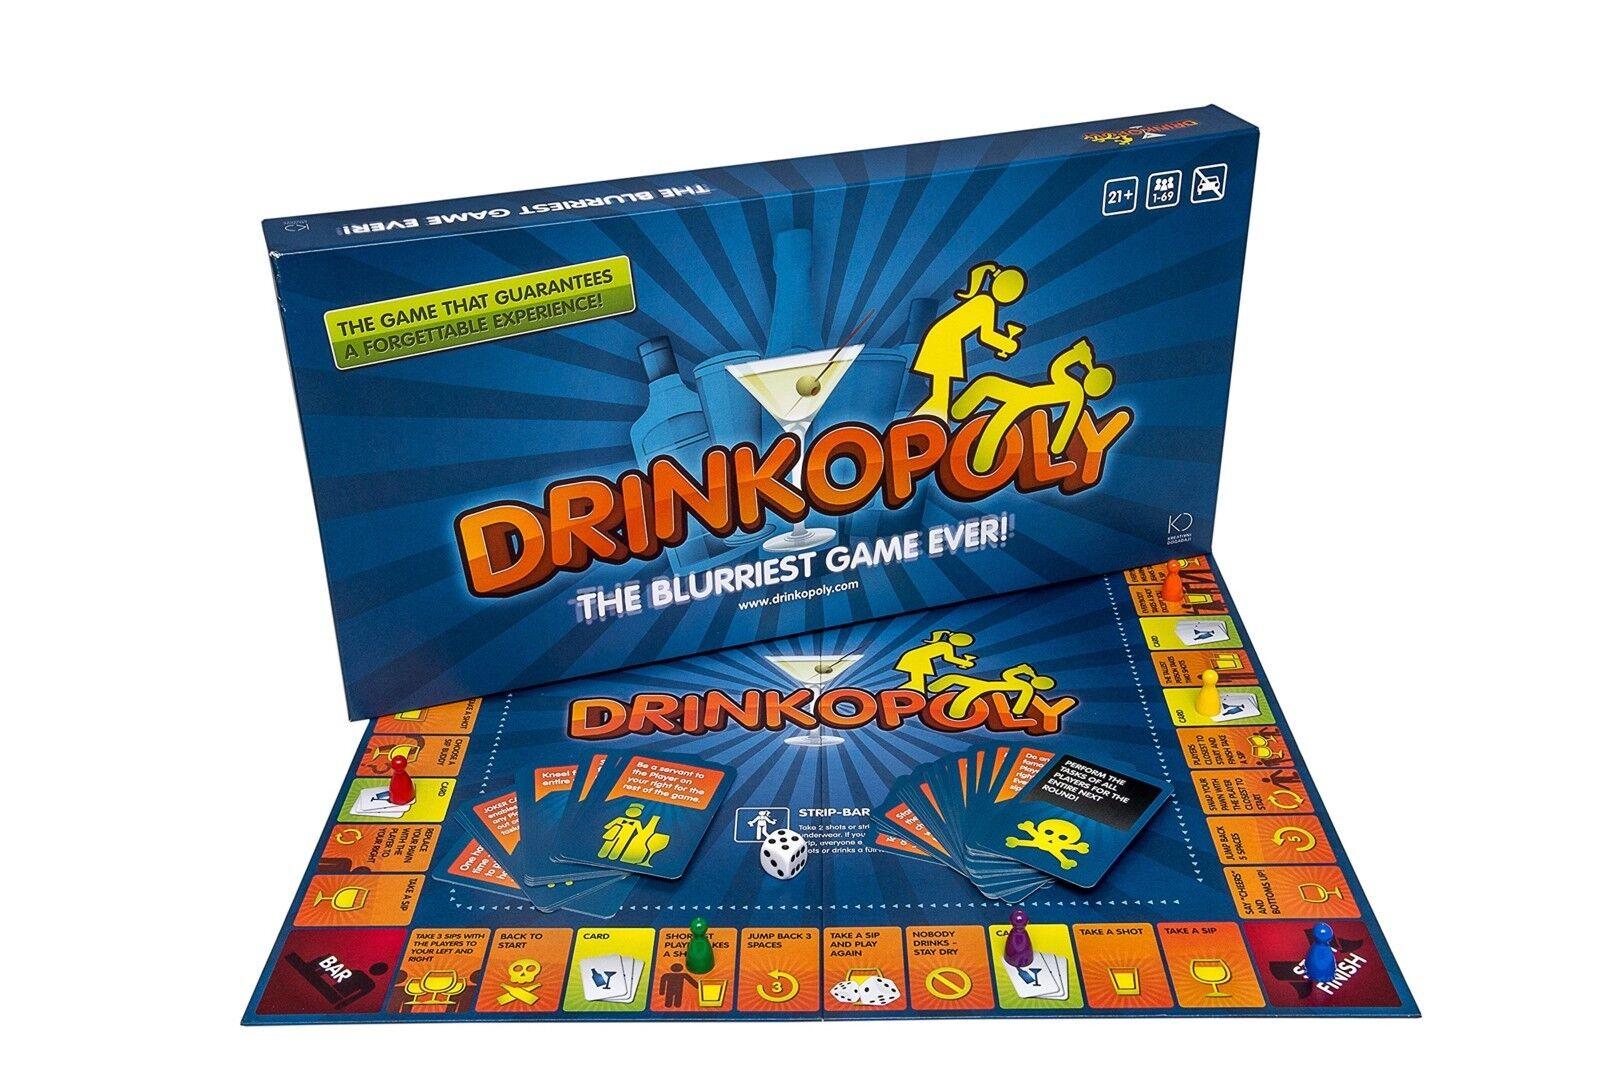 Das trinkspiel drinkopoly brettspiel partei brettspiel erwachsenen trinken